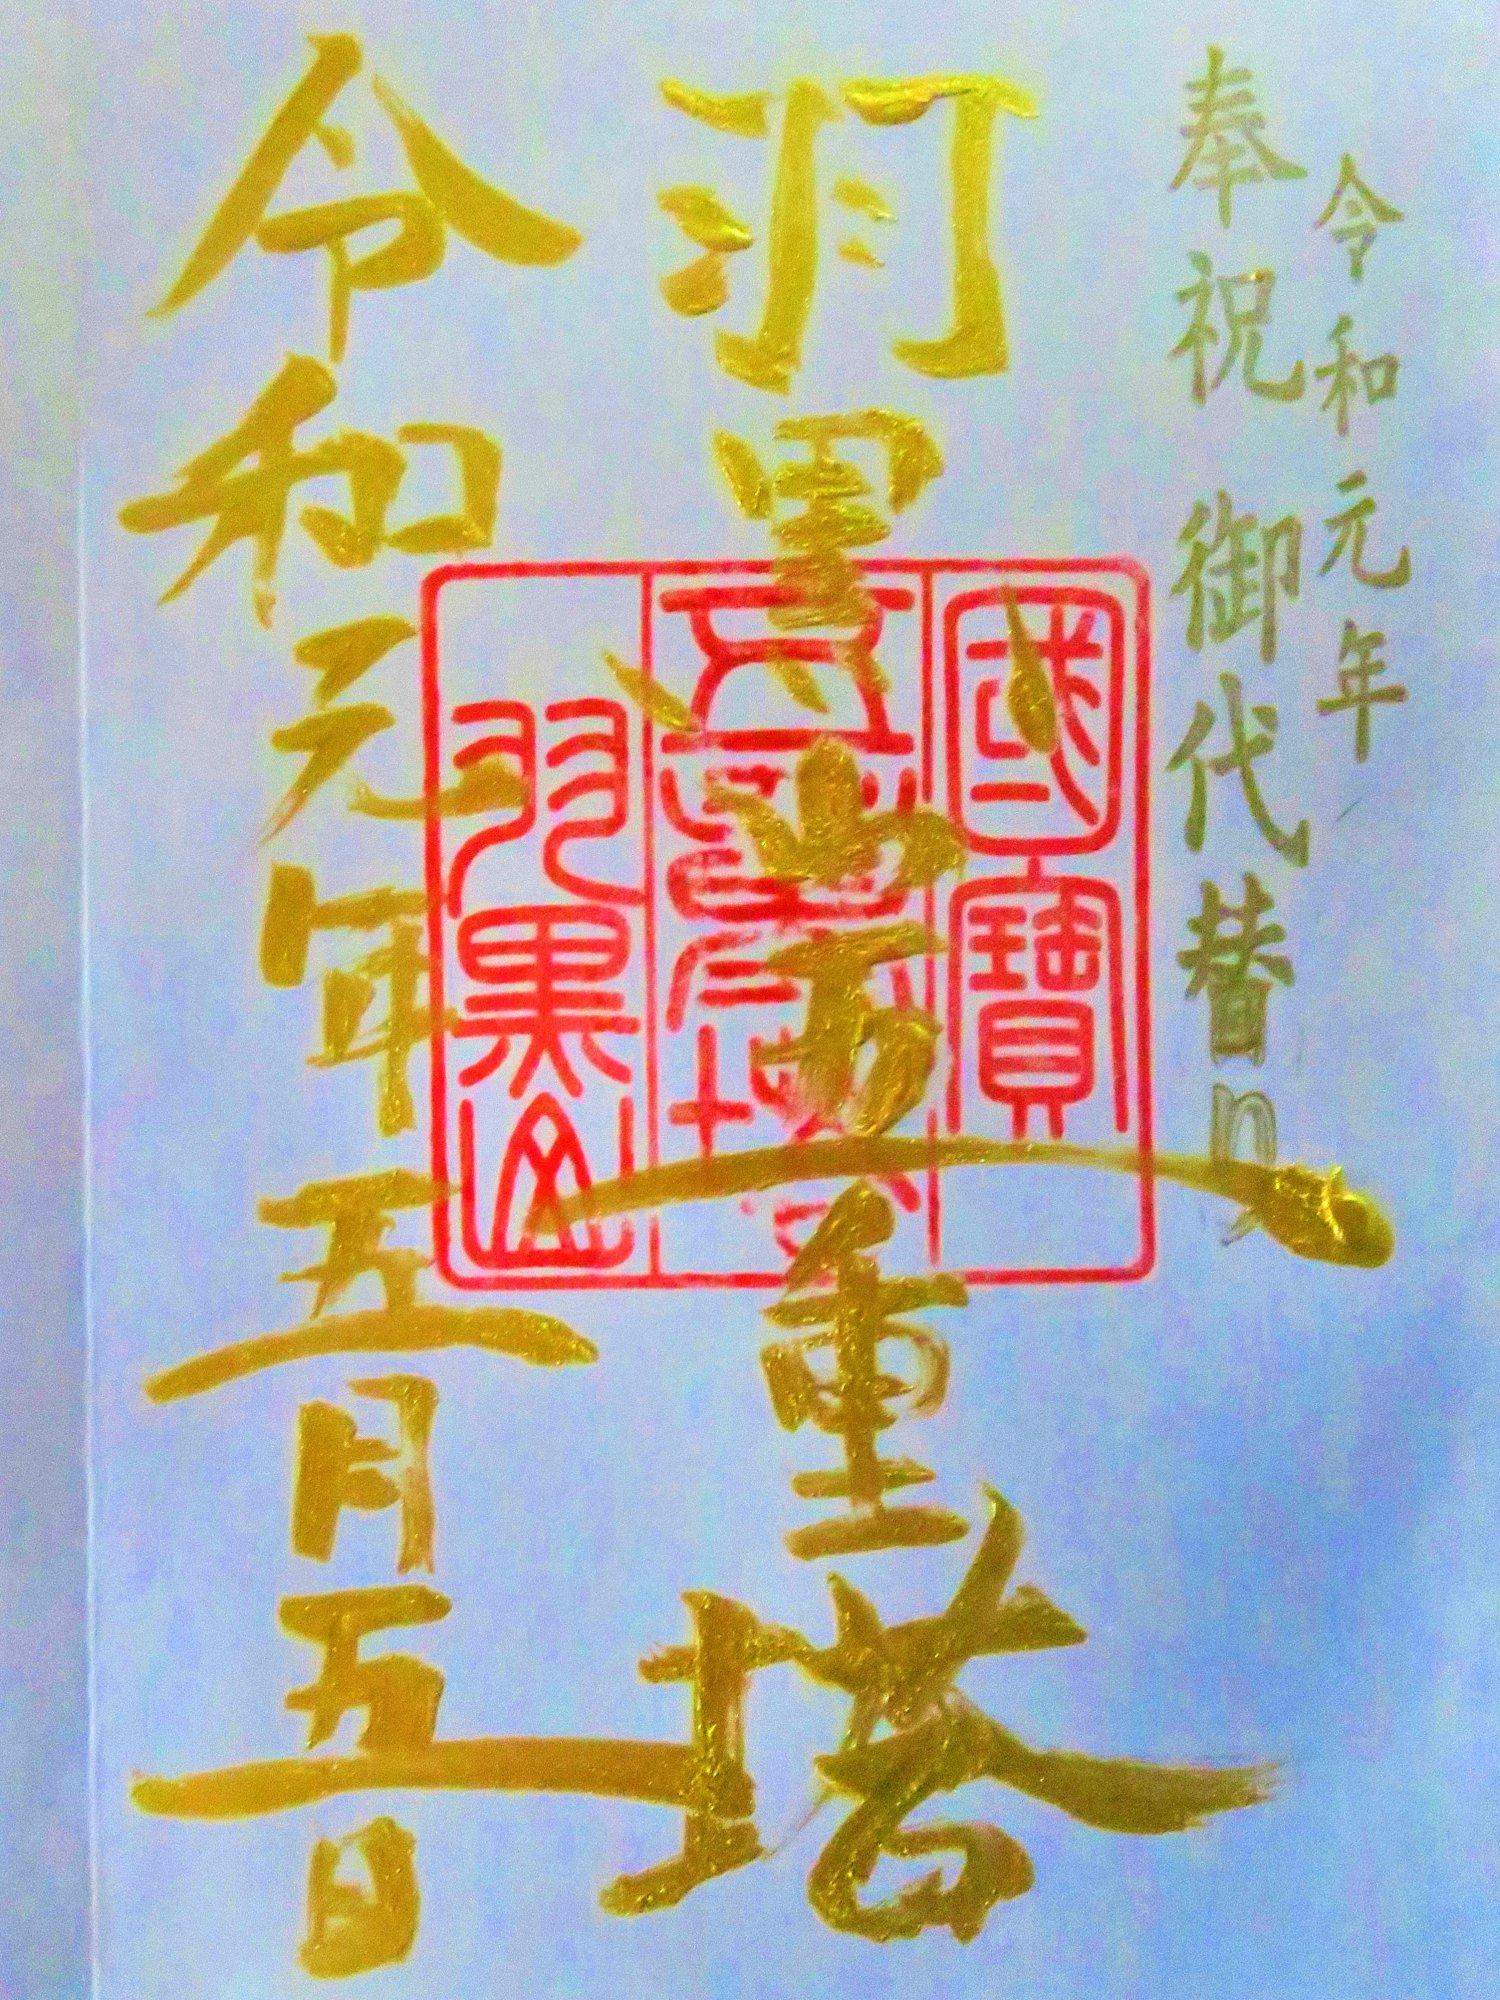 5の付く日にいただける金文字のご朱印は、11月25日までの期間限定。